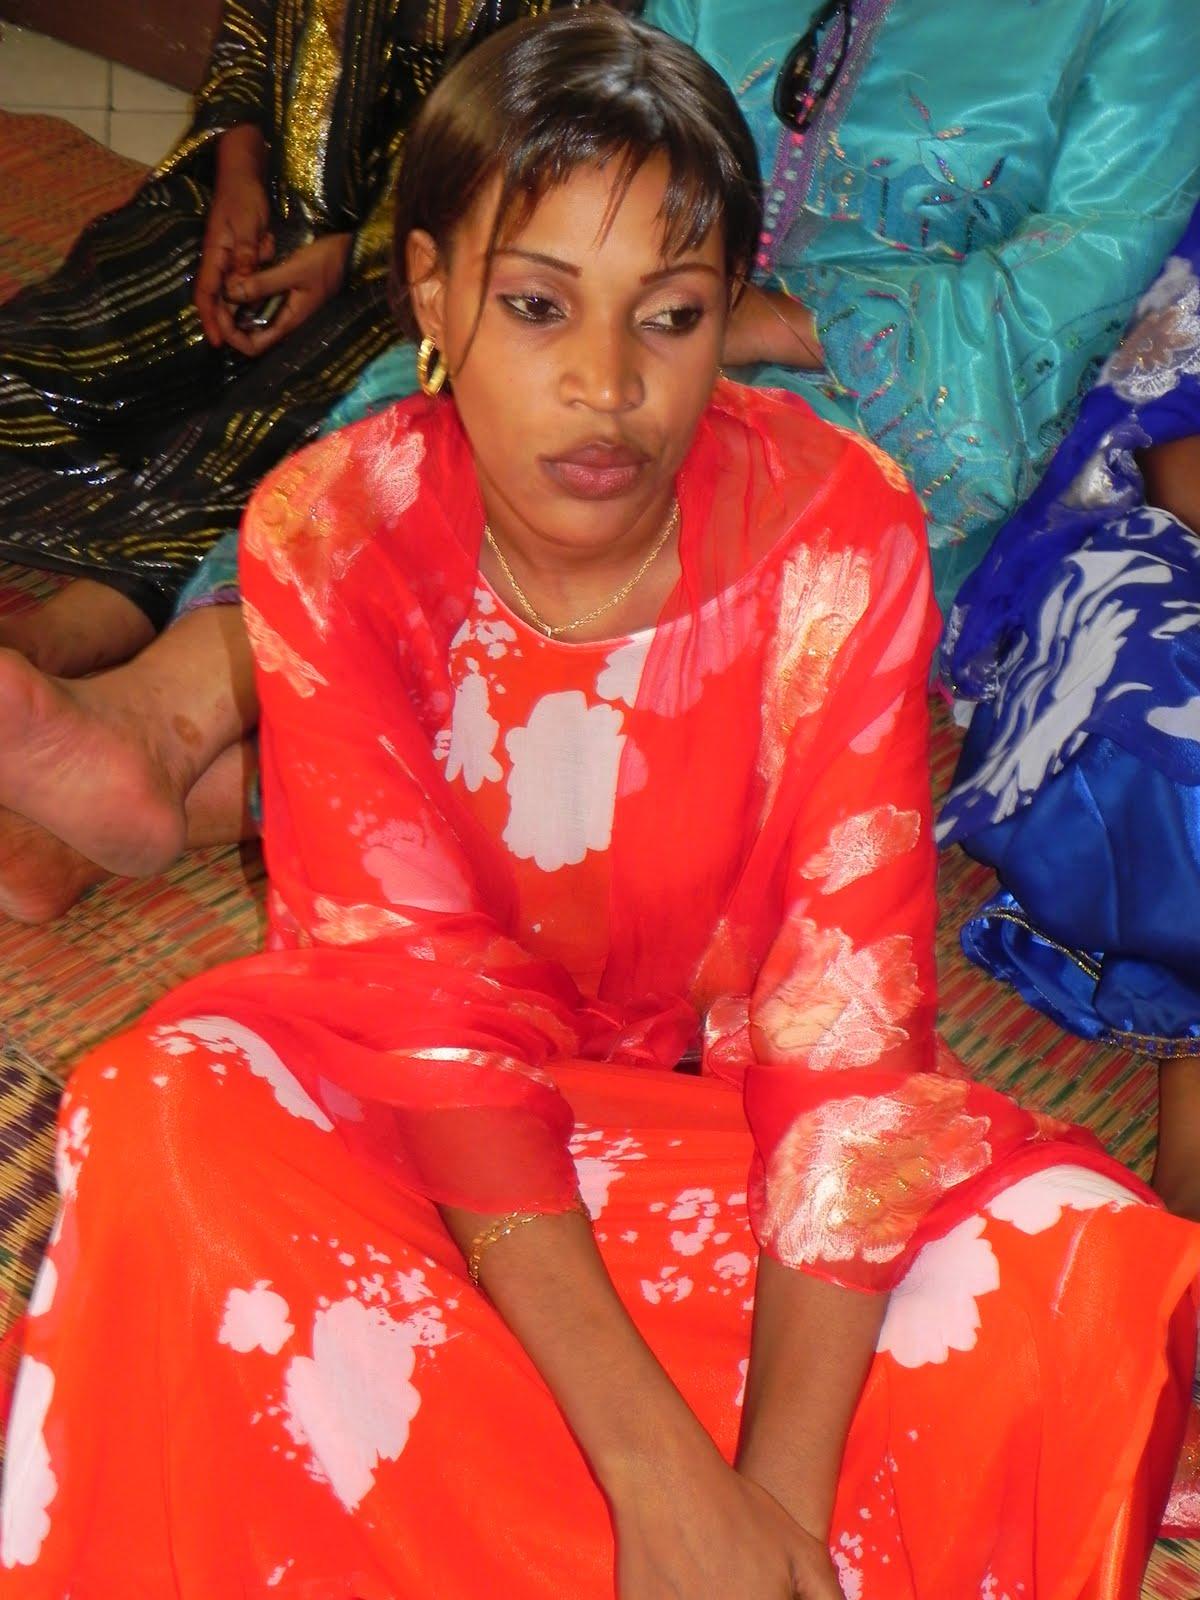 mwali wake mariam mntambo katulia tuli babu